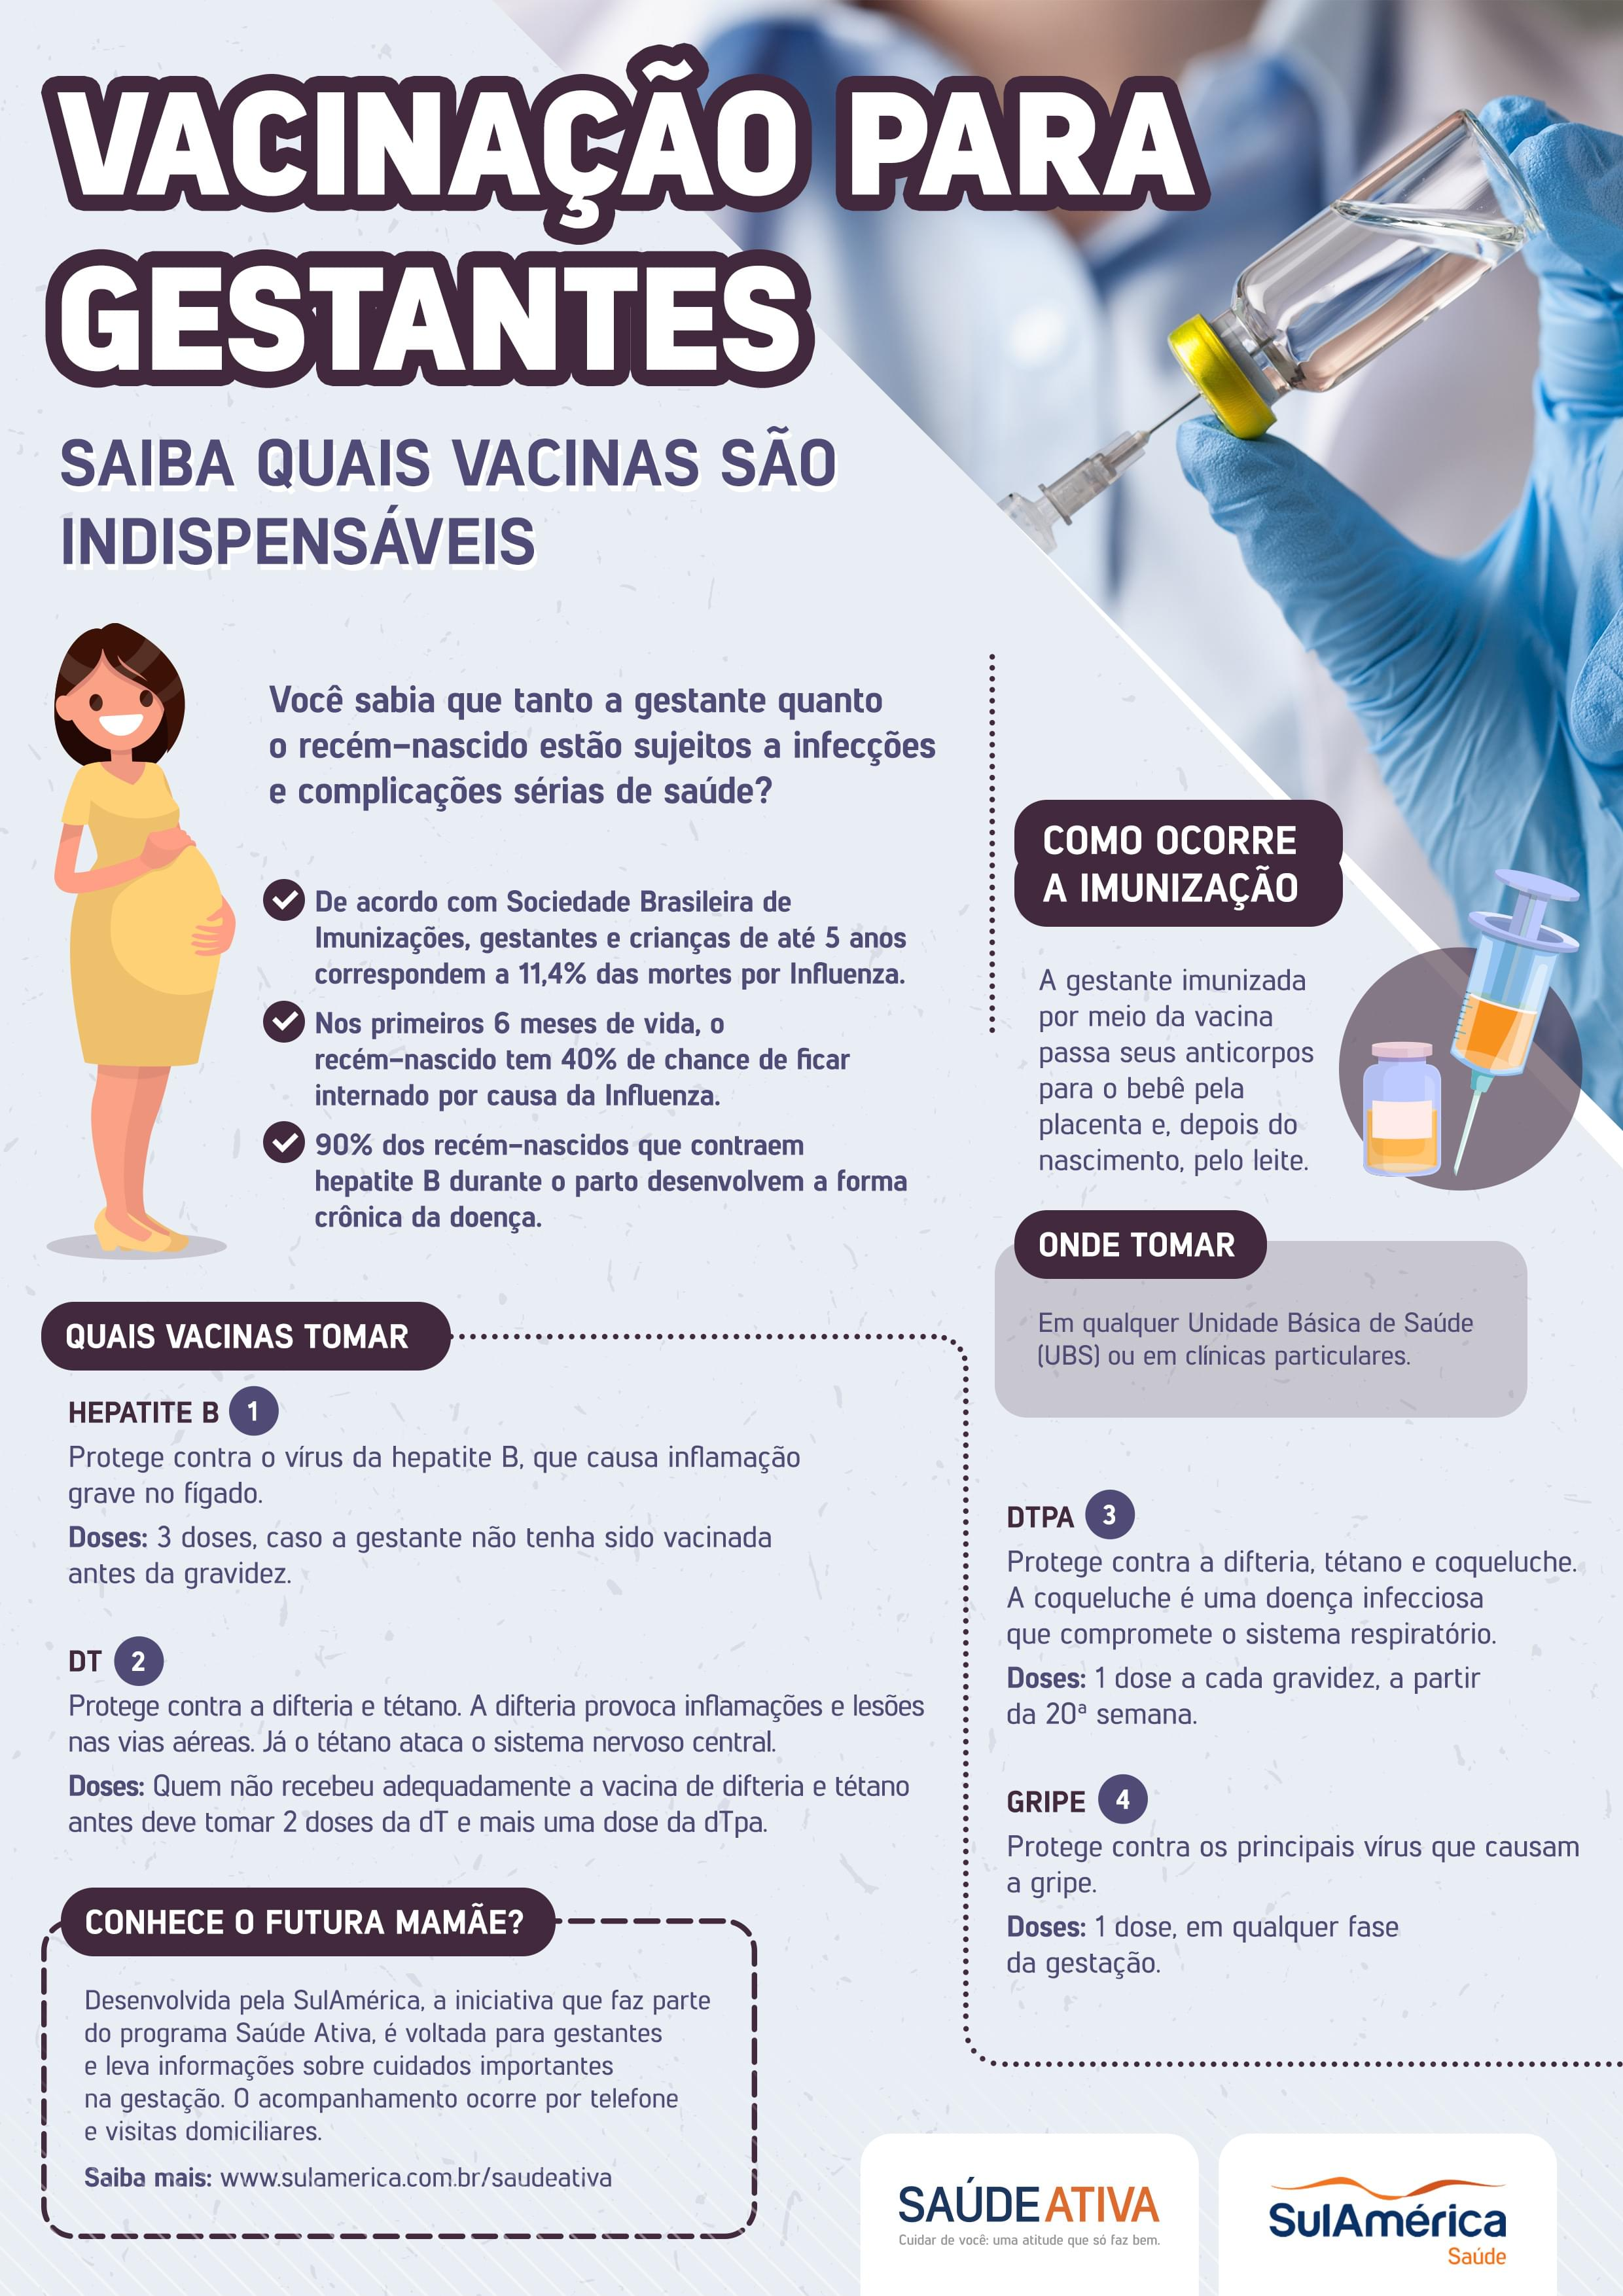 Info_SulAmerica_Vacinas2